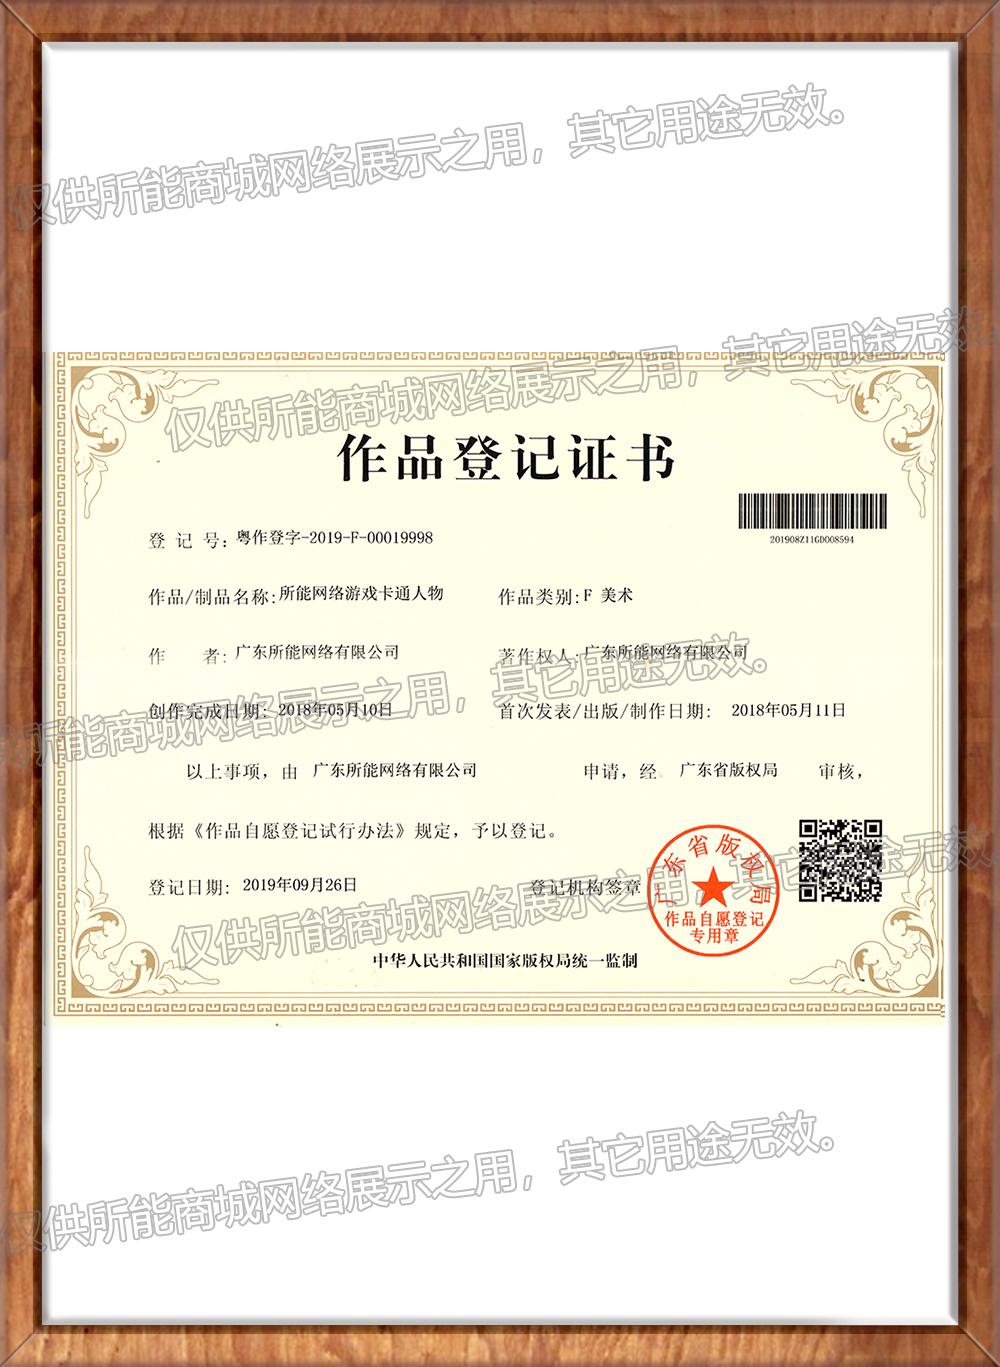 《所能网络游戏卡通人物》作品登记证书